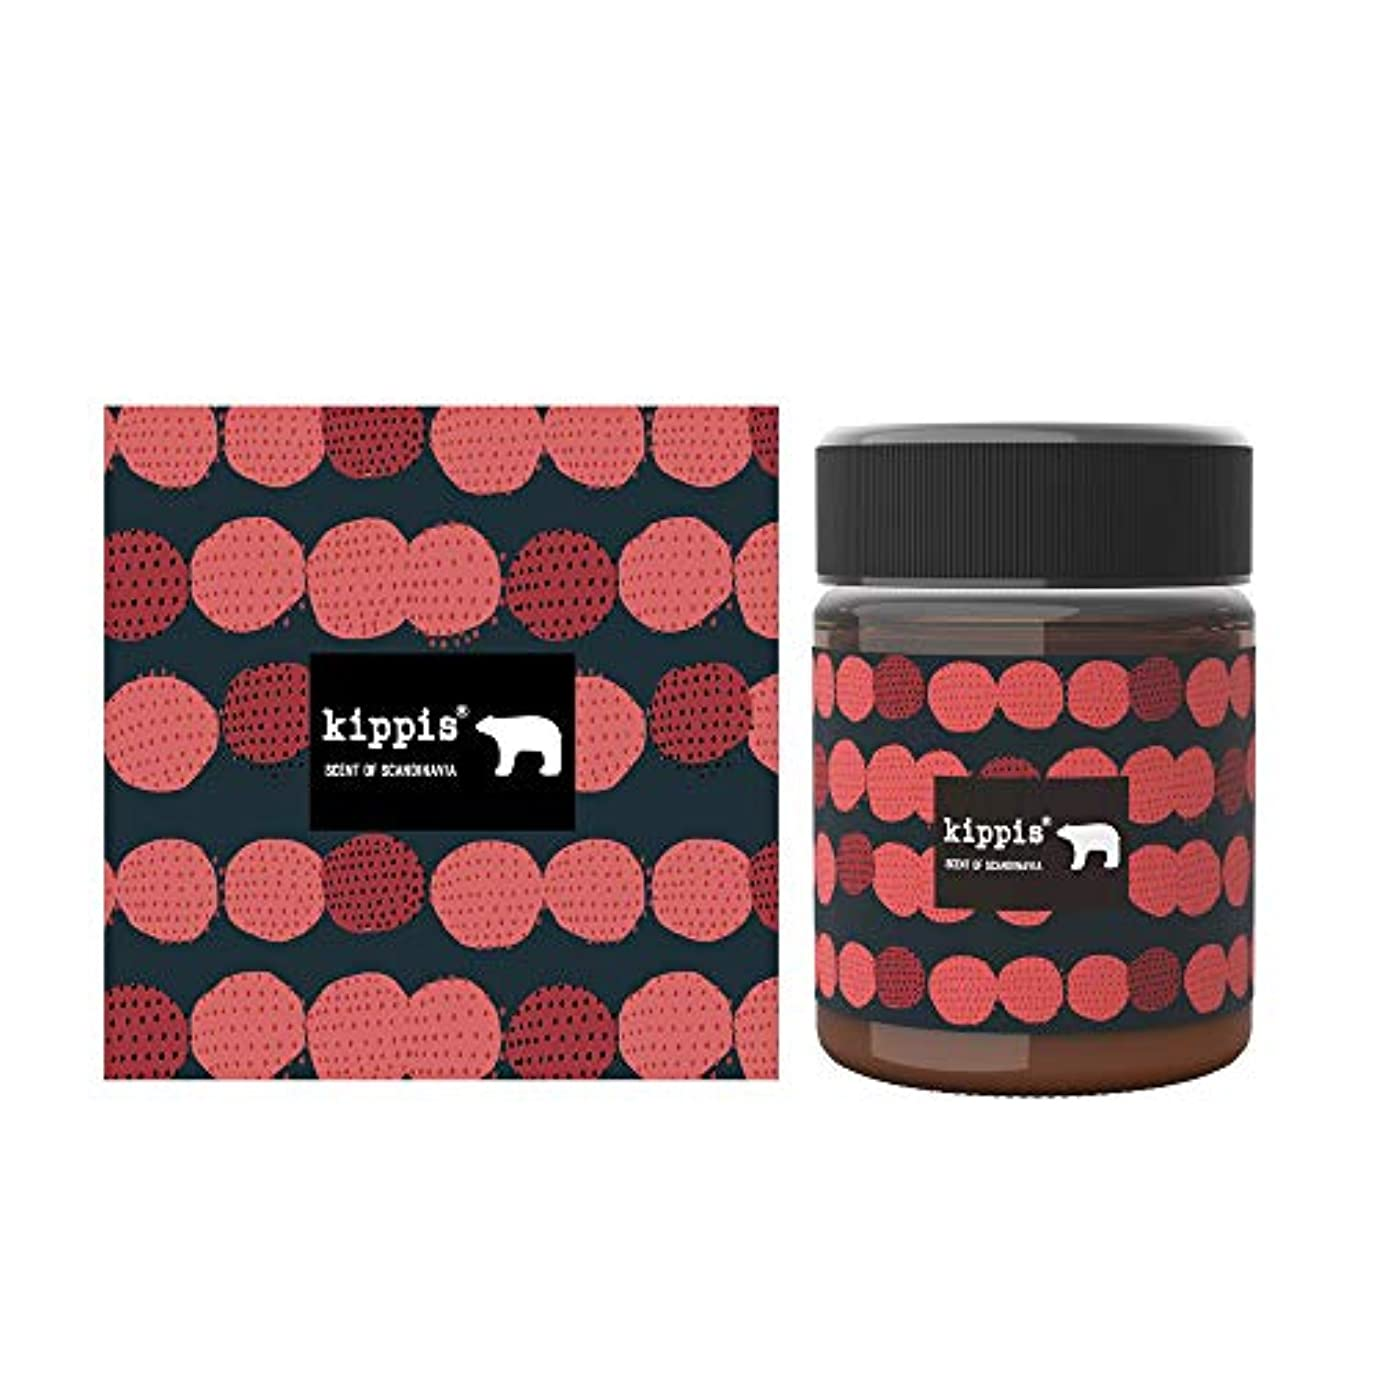 チーター囲まれたむさぼり食うキッピス 髪と肌のトリートメントワックス(甘酸っぱい真っ赤なベリーの香り)40g